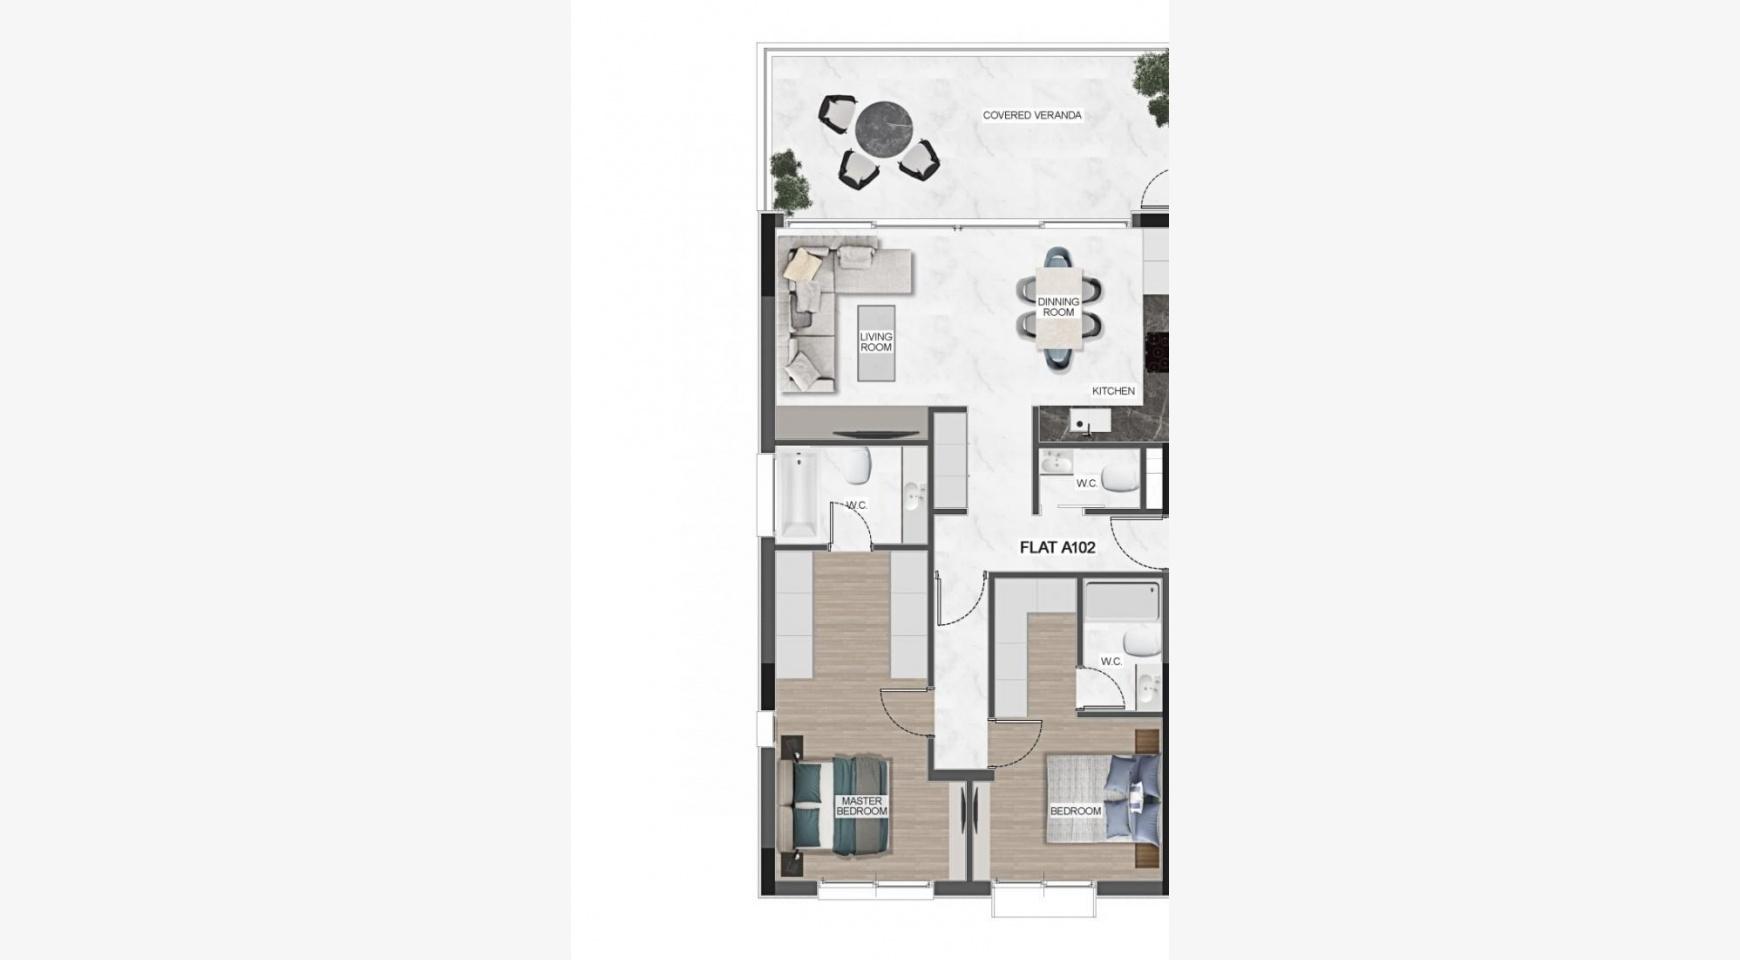 Urban City Residences, Кв. A 301. 3-Спальная Квартира в Новом Комплексе в Центре Города - 41